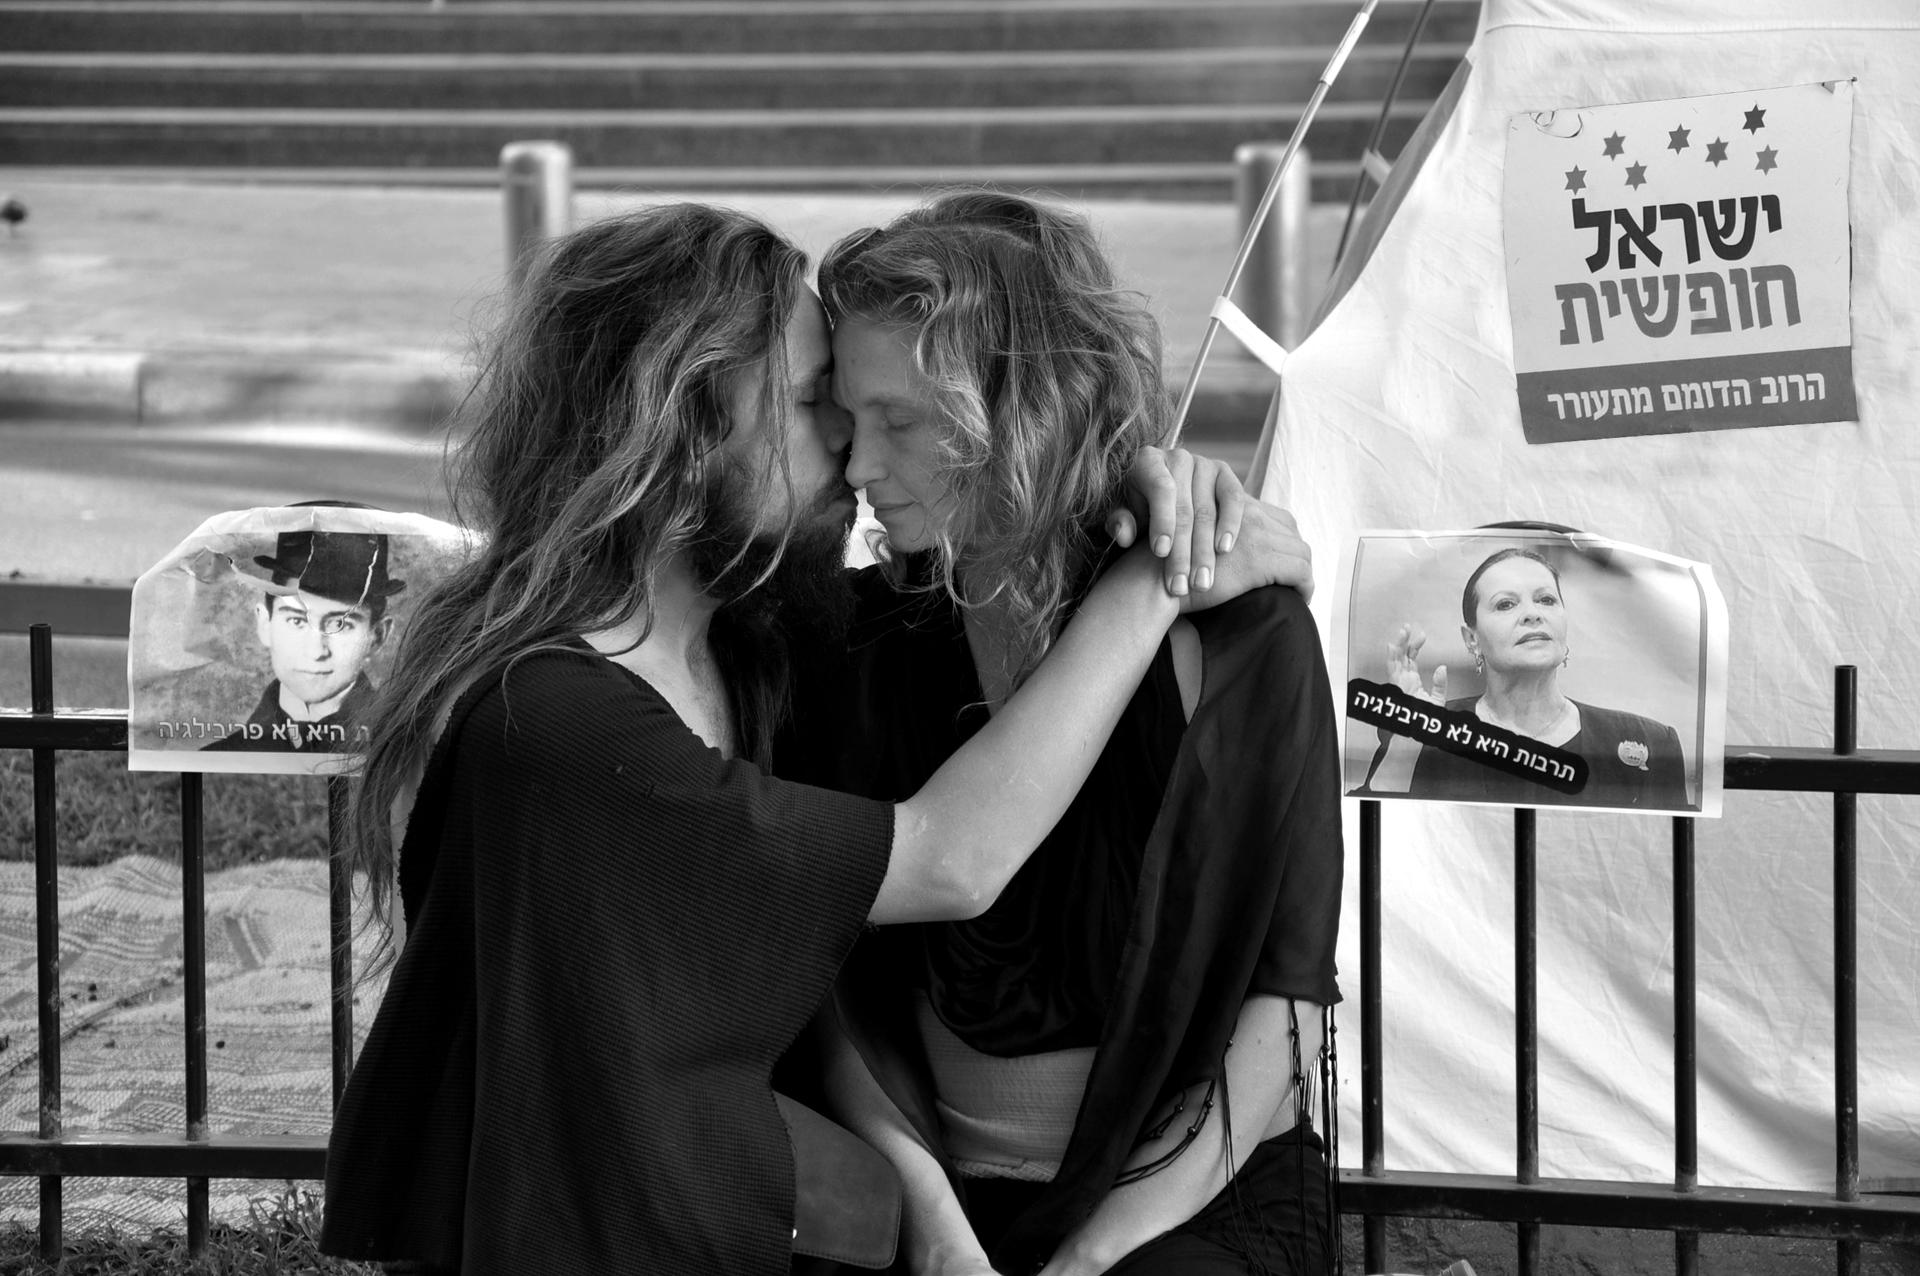 מהפכה של אהבה - רוטשילד - מחאת האוהלים - הפגנה - צדק לעם - יואל שתרוג - אדמה יוצרת - yoel sitruk